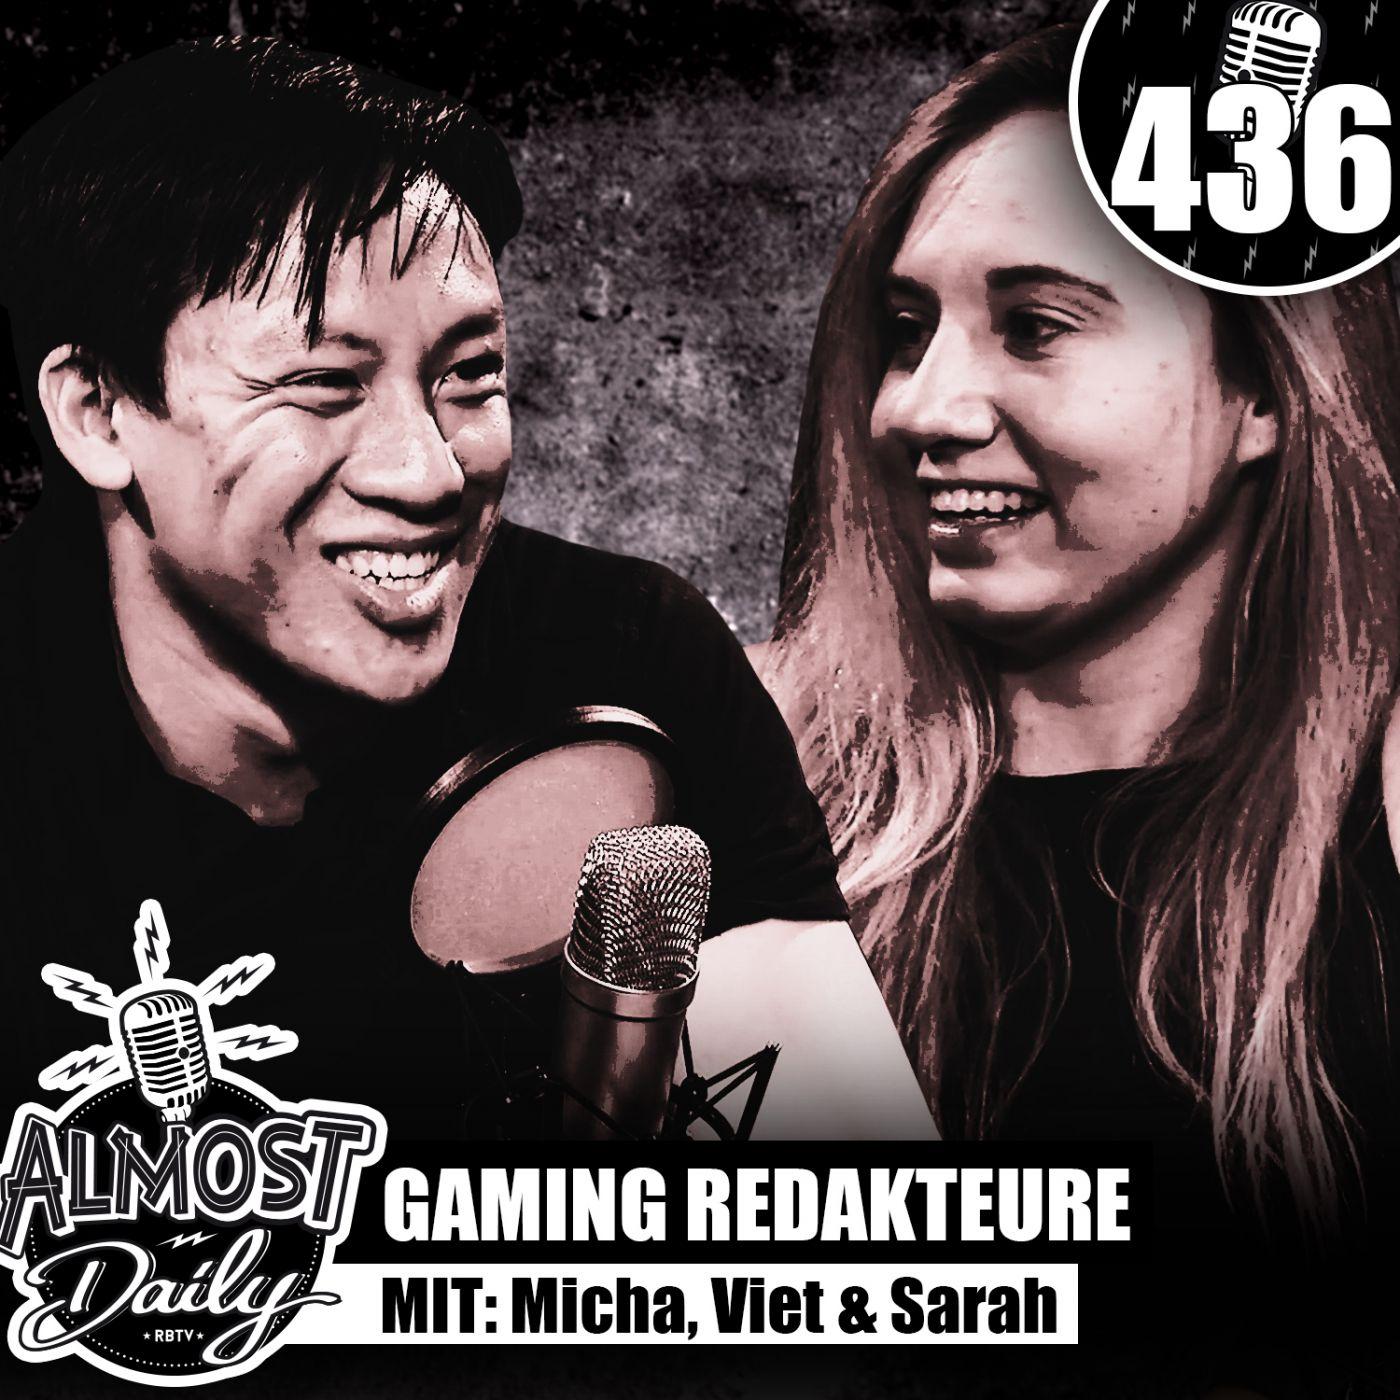 #436   Gaming RedakteurIn werden bei RBTV vs GAME TWO mit Micha, Viet & Sarah